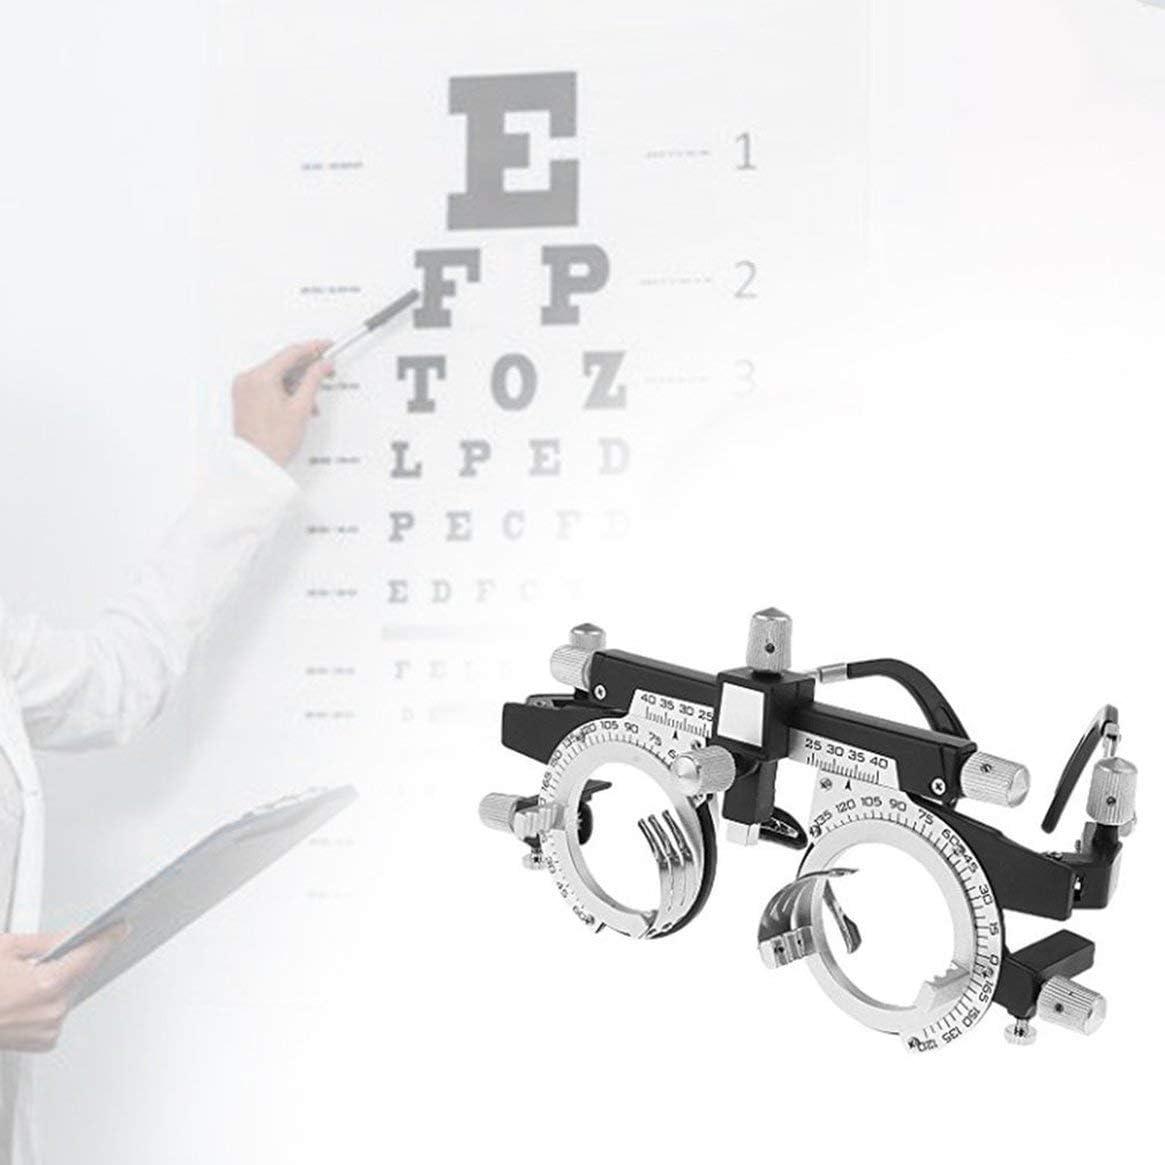 Delicacydex Optom/étrie r/églable Lunettes professionnelles Optom/étrie Monture m/étallique Optique Optique Opticien Essai Lentille Monture m/étallique PD Accessoires de lunettes Argent et noir